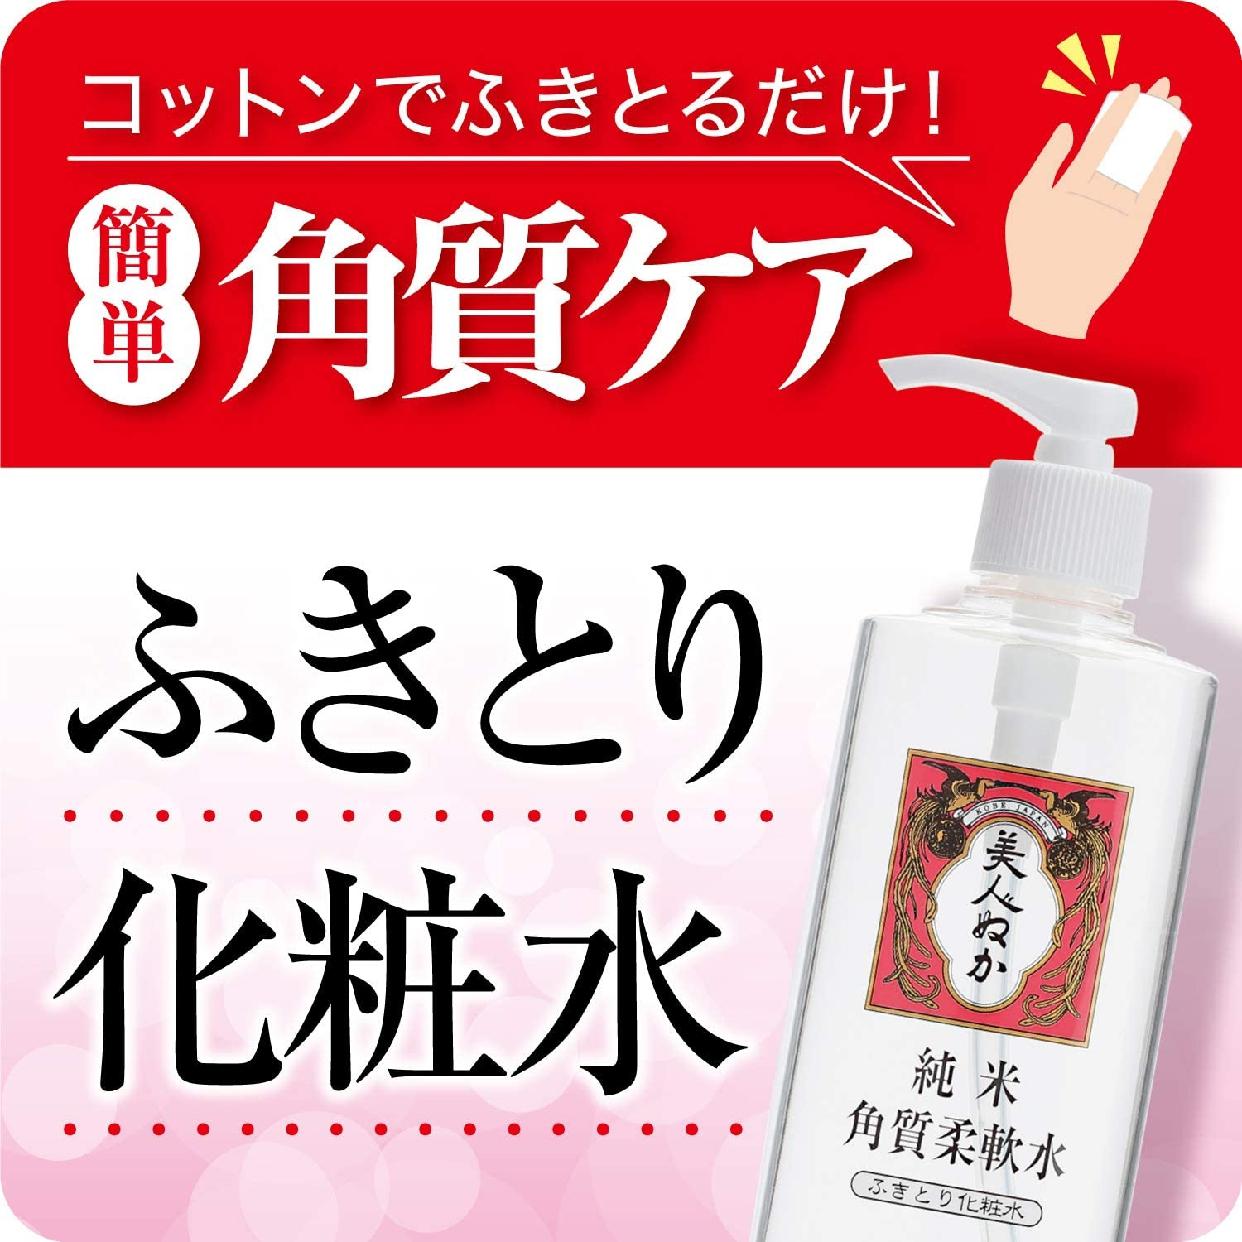 美人ぬか(びじんぬか)純米角質柔軟水の商品画像4